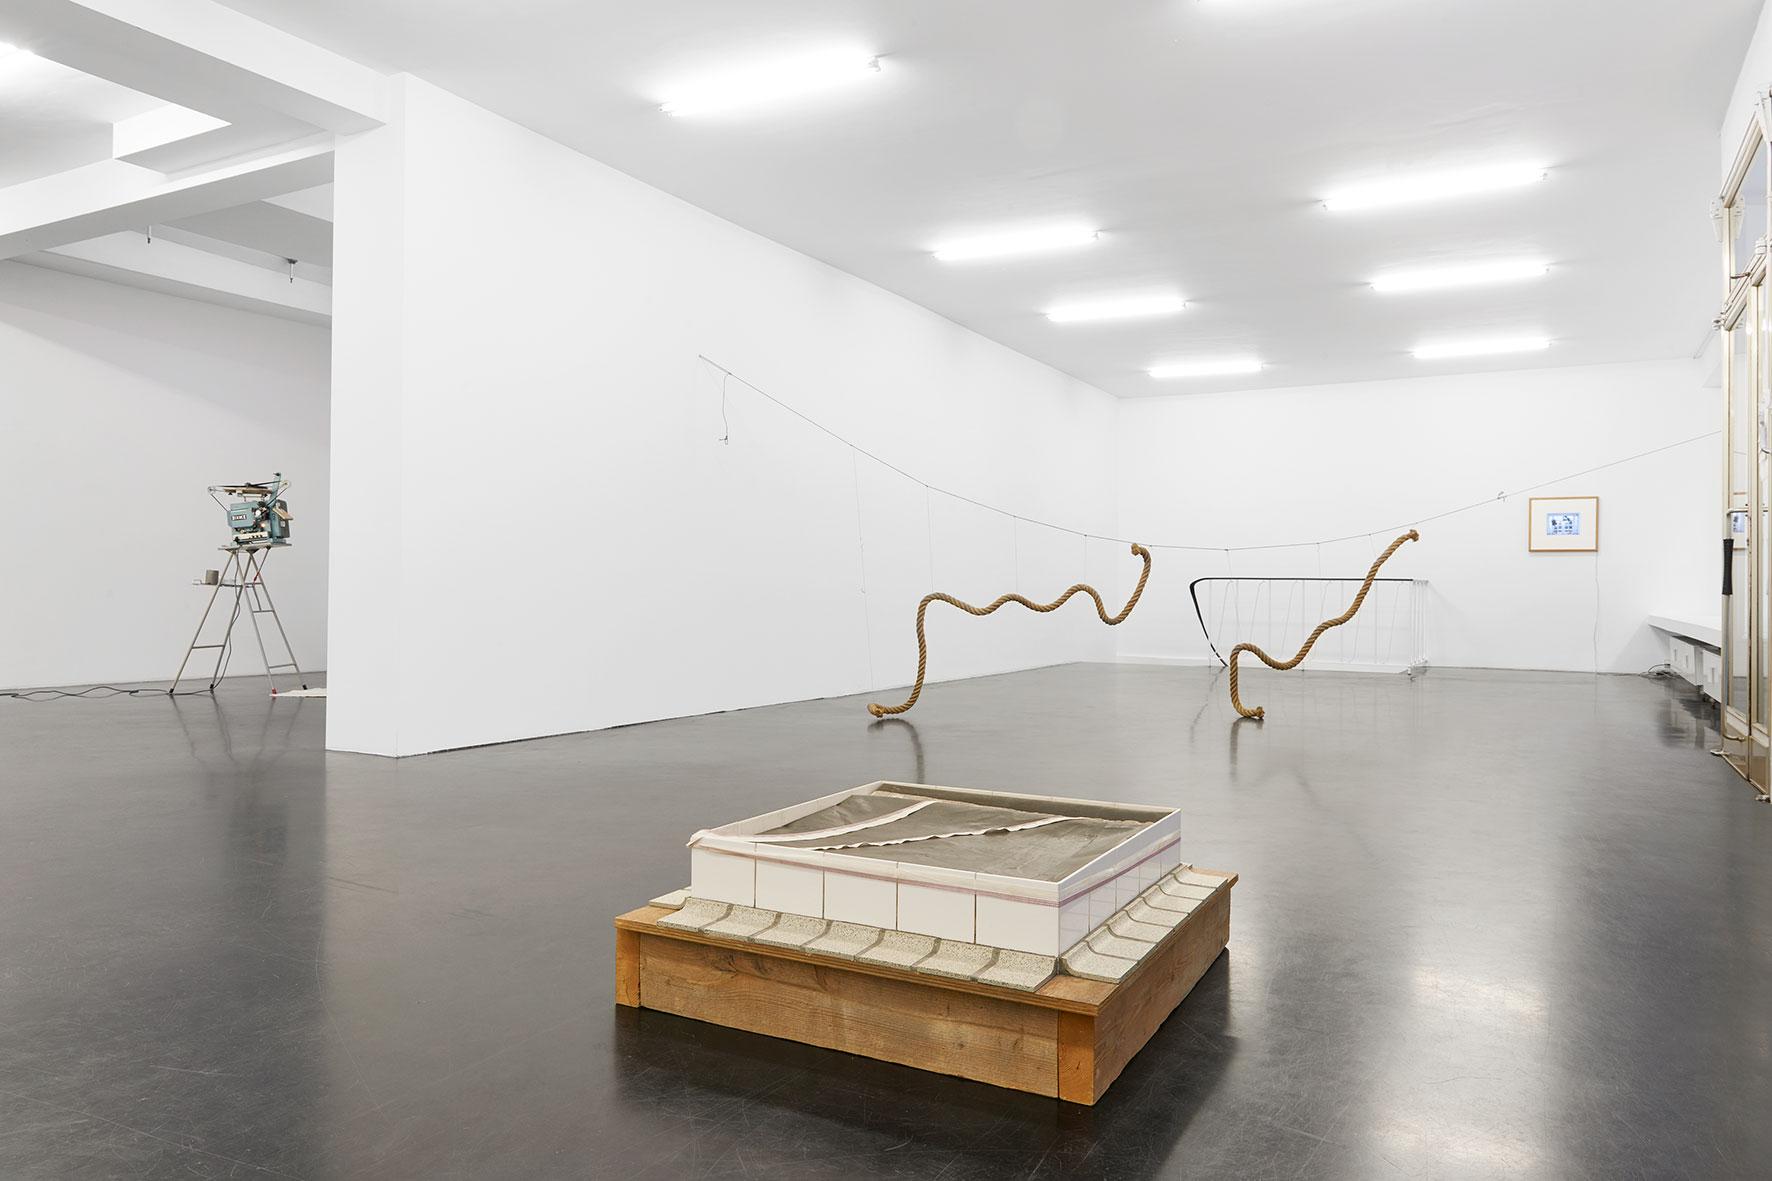 Ger van Elk_Installation View_5_Markus Luettgen Gallery